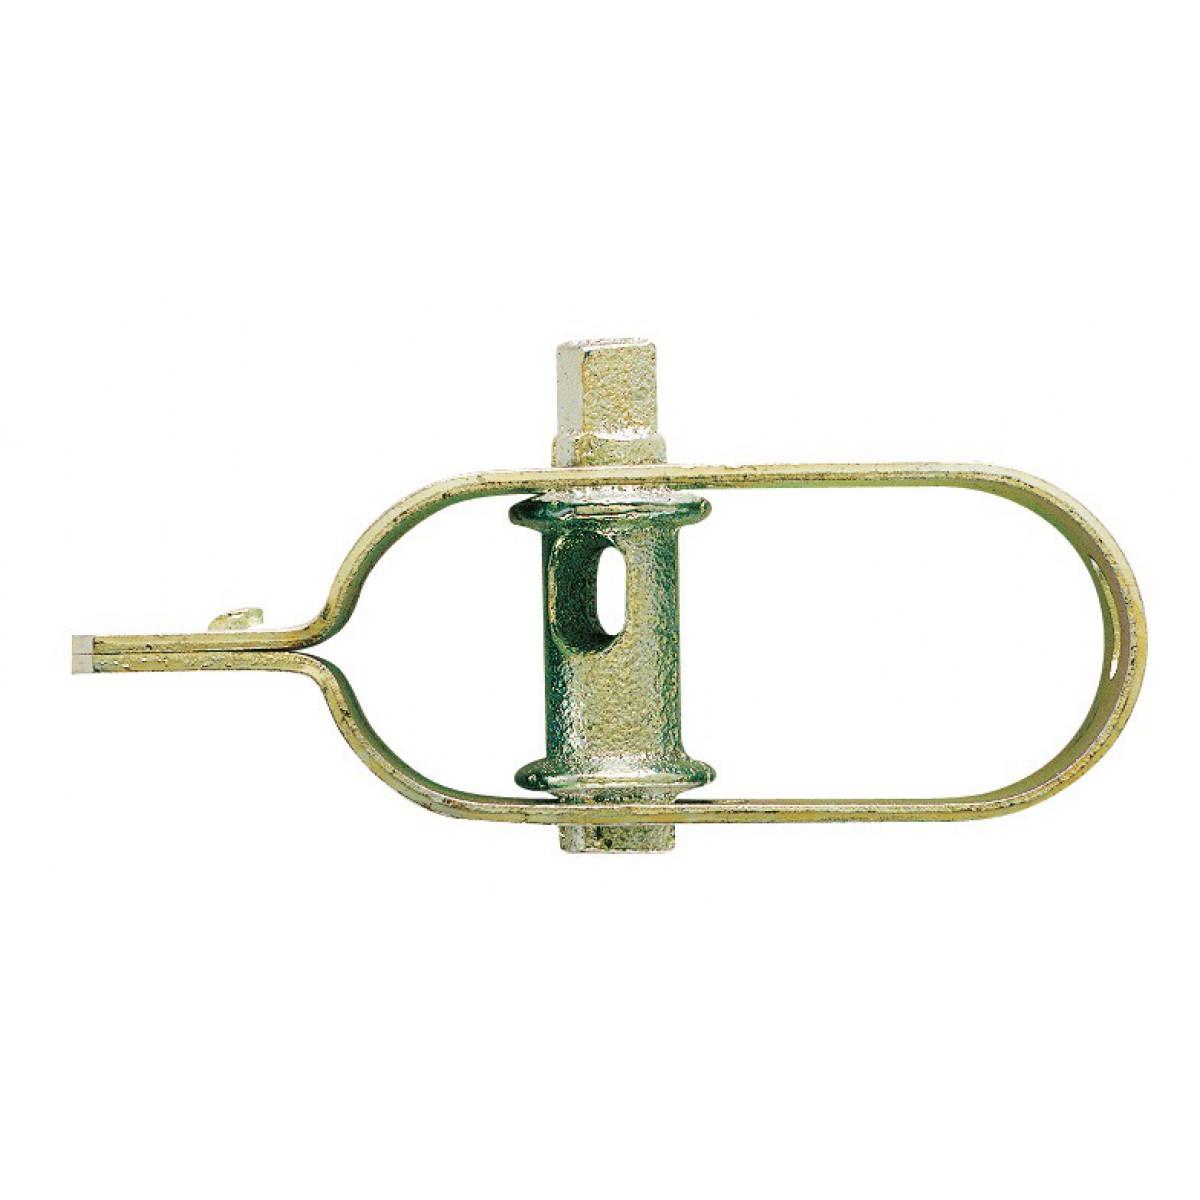 Raidisseur / tendeur Jardinier Massard - Diamètre Fil 2,7 à 3,1 mm